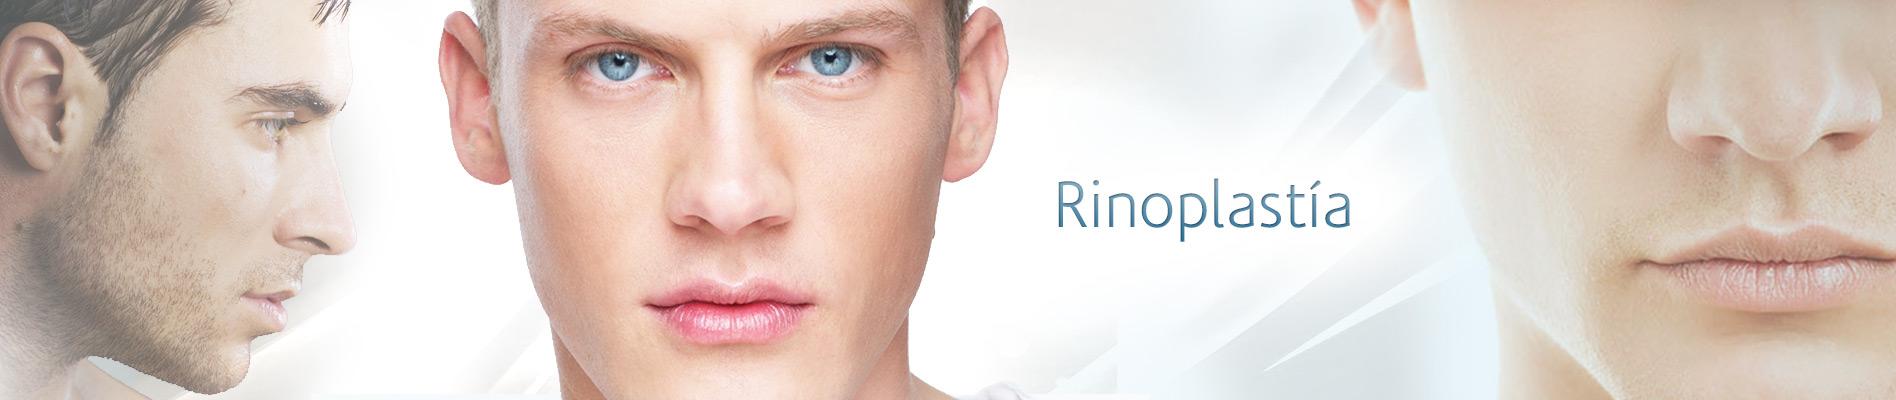 rinoplastía Hombres | Clínica Time